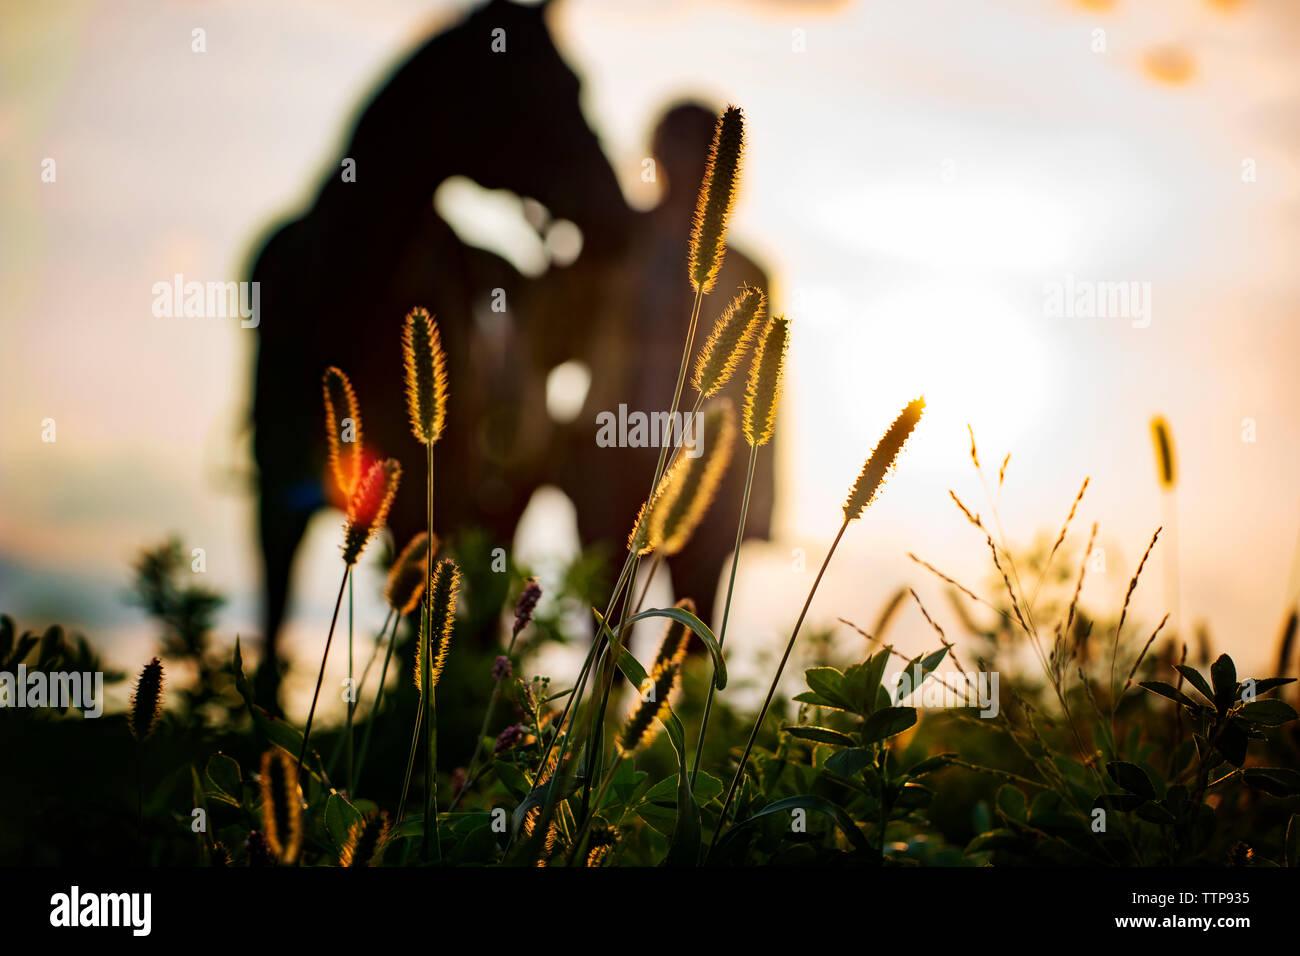 Efecto de desenfoque de imagen de mujer a caballo en el campo durante la puesta de sol Foto de stock